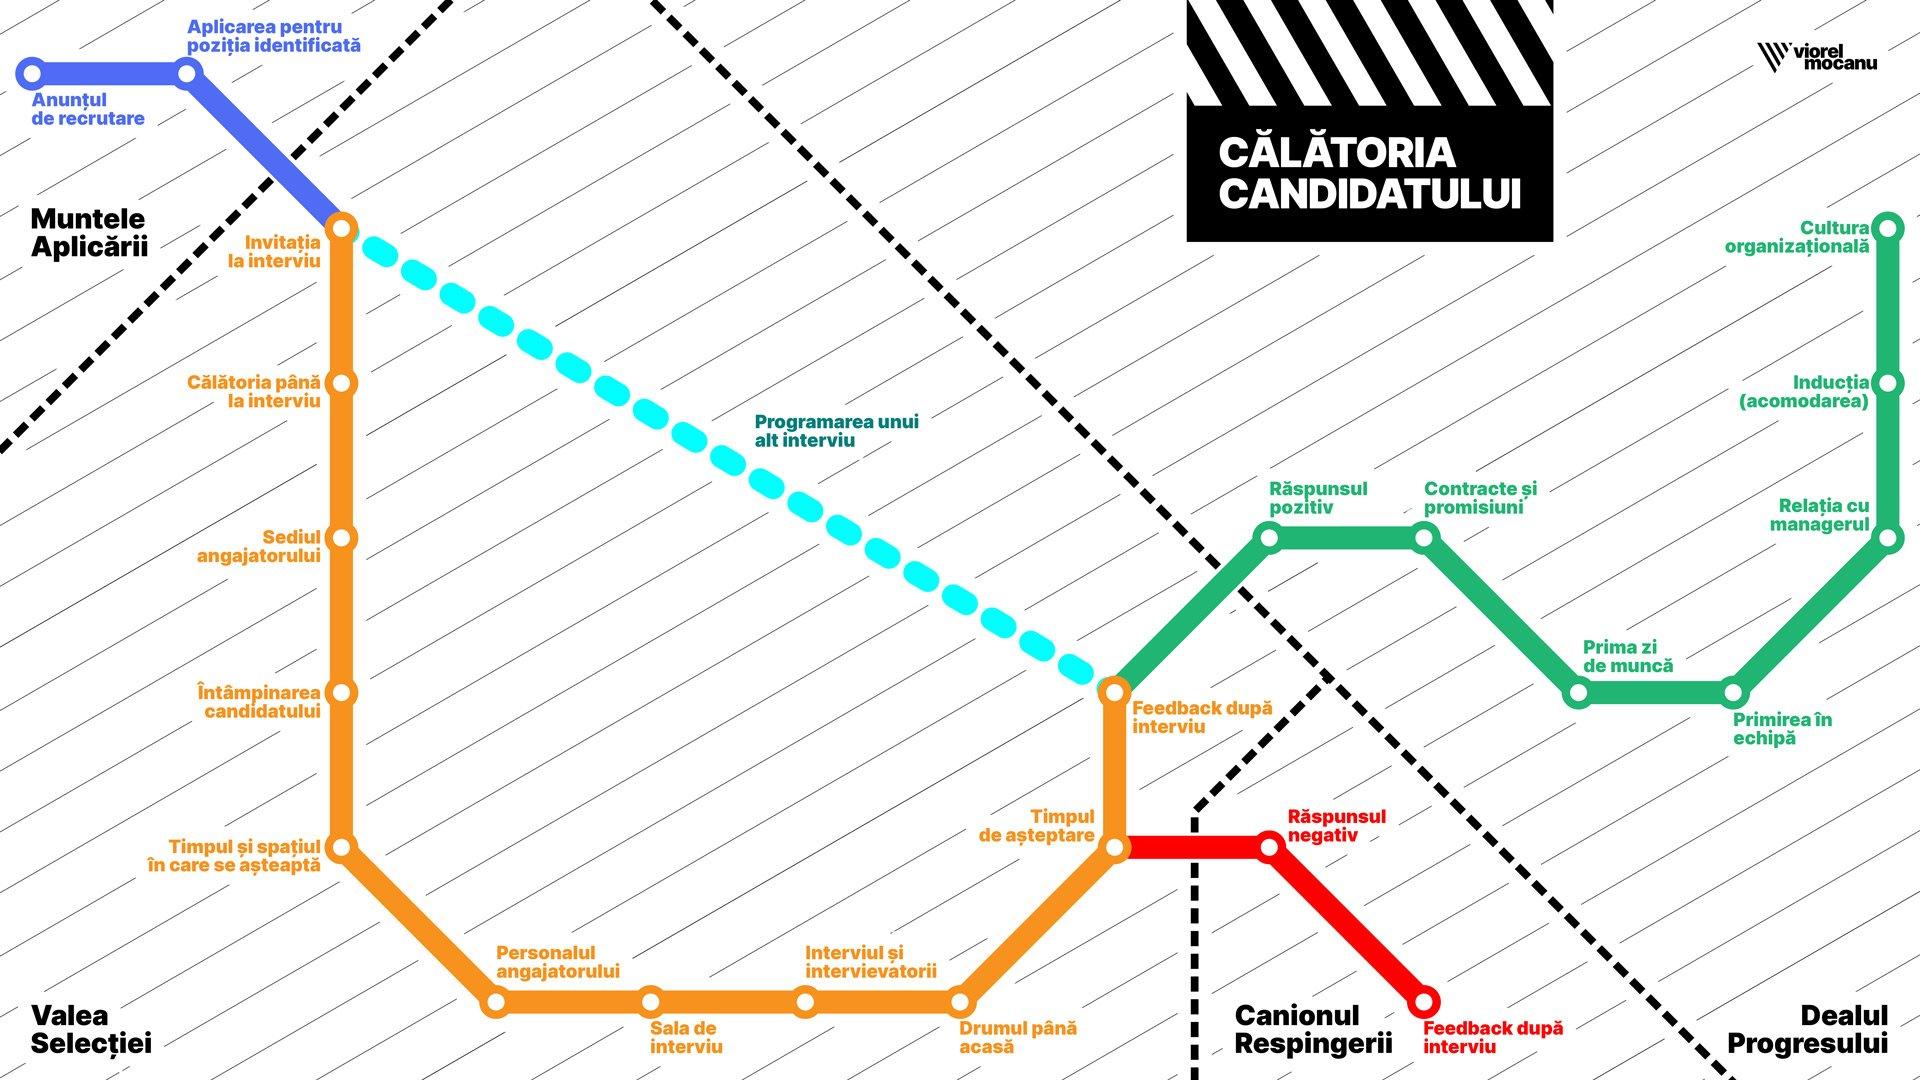 Călătoria Candidatului prin procesul de recrutare, de la interacțiunea cu anunțul de recrutare până după angajare sau respingere.